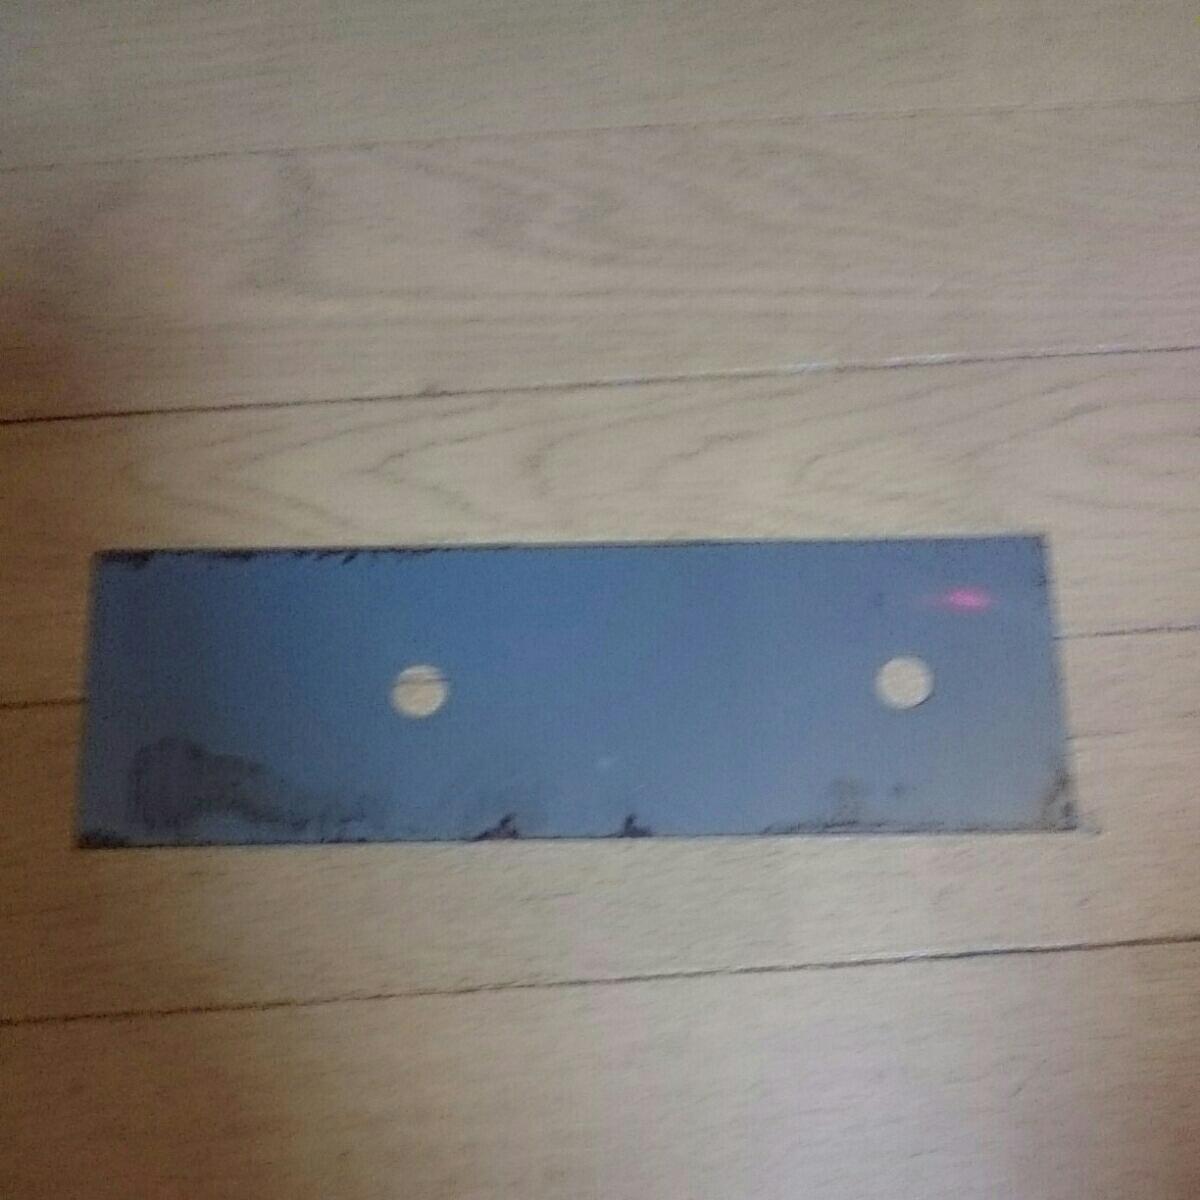 お値打ち鋼材 切板 平鋼 鋼板 鉄板 フラットバー 鉄 補強材 ストッパー 穴明き 薄板t0.5㎜ 長さ約235×75㎜ 新品 作業台 DlY等々に_画像1